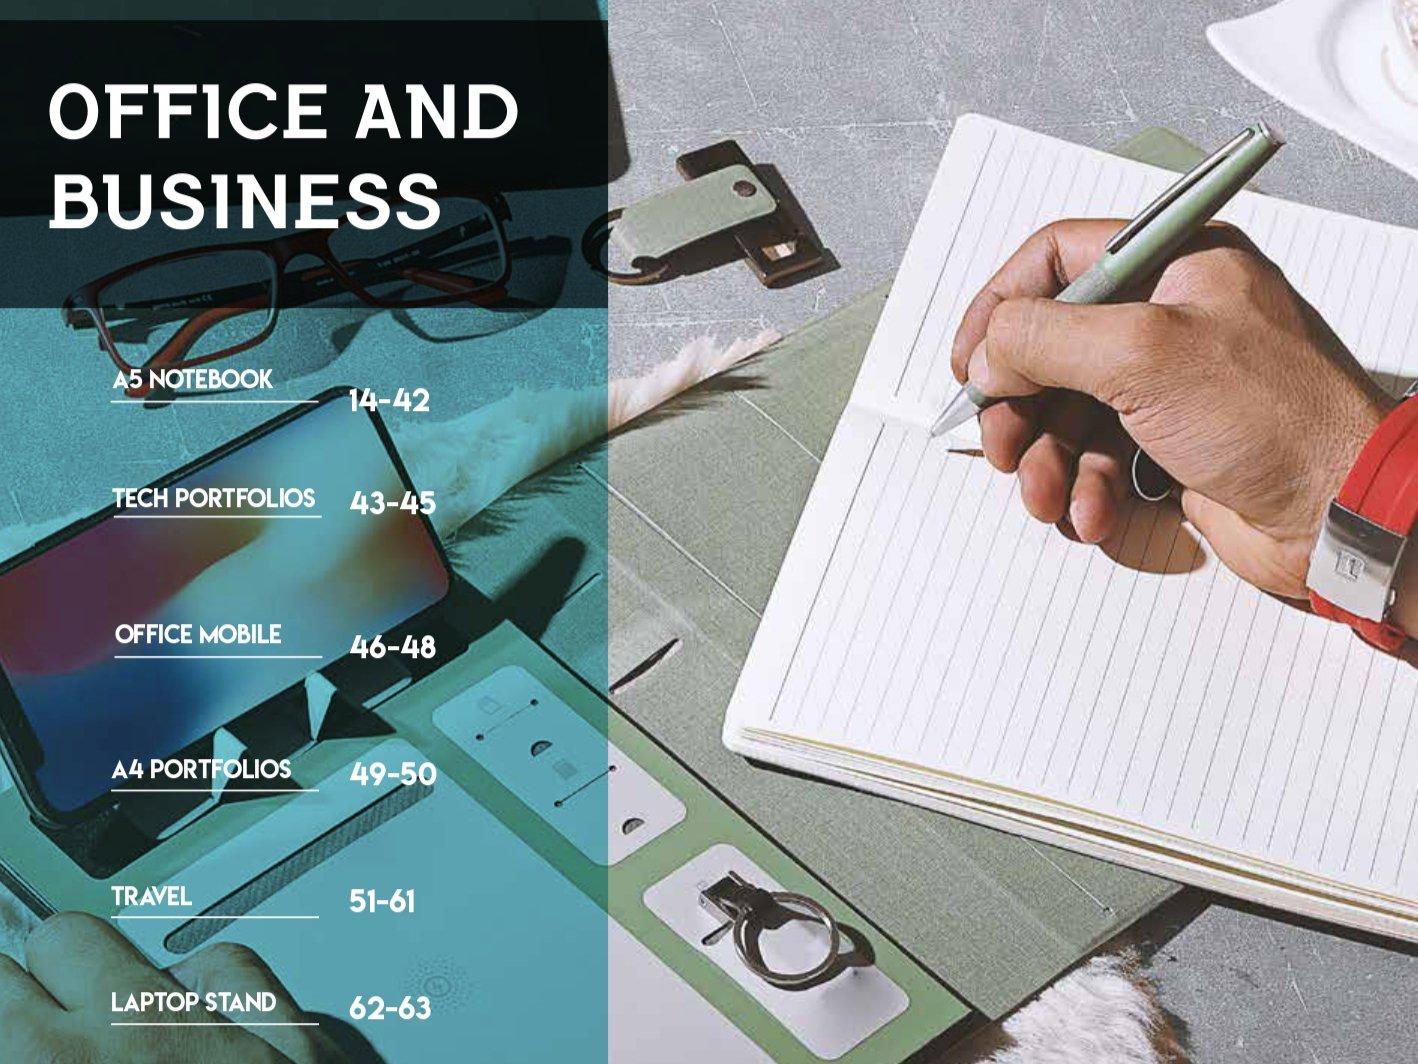 المكتب والاعمال